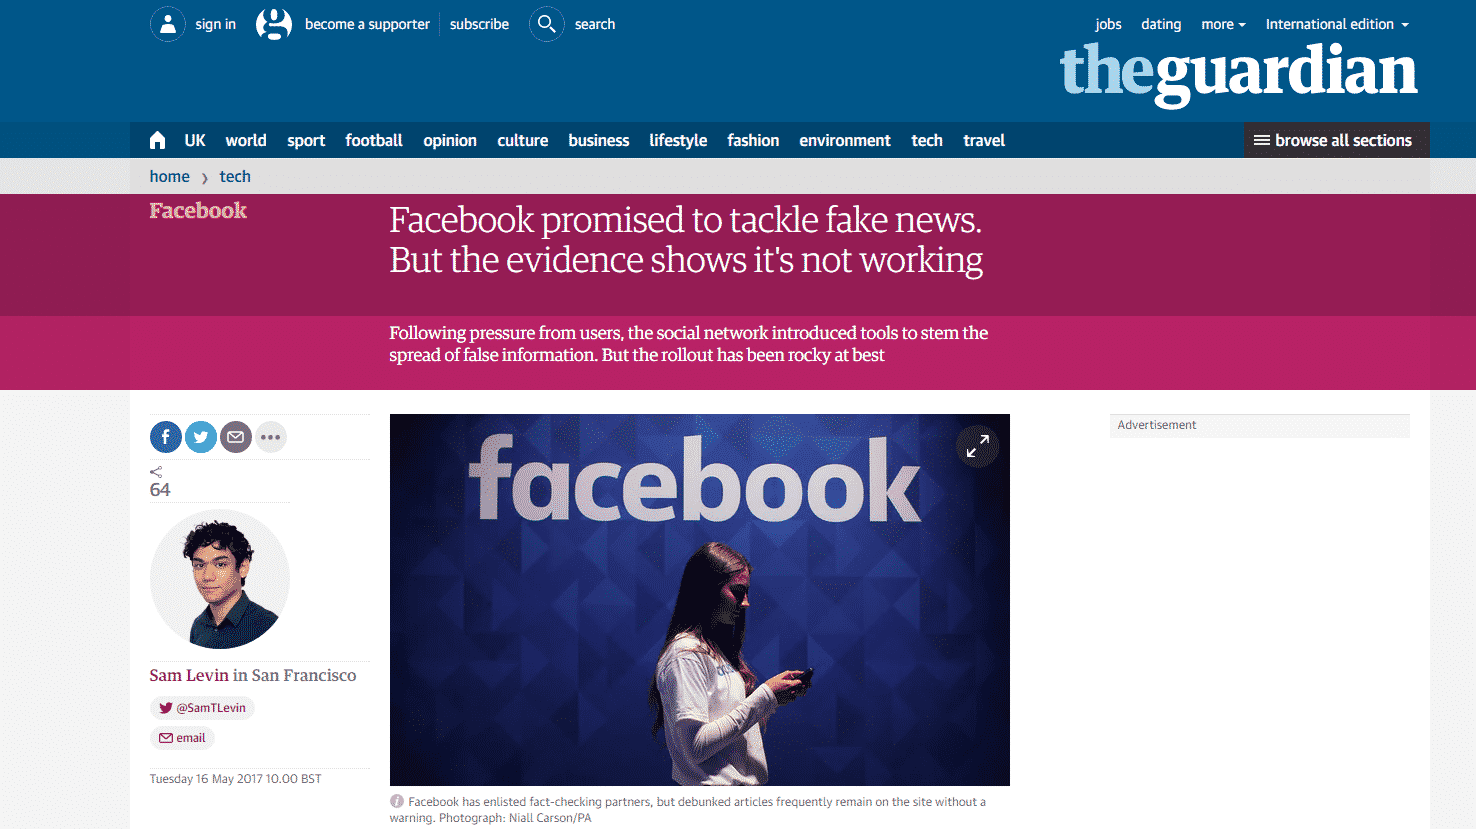 5-16-2017-11-10-20-AM قضية الأخبار المزيفة: ما أشبه مستخدمي فيس بوك العرب بحكامهم وقادتهم!